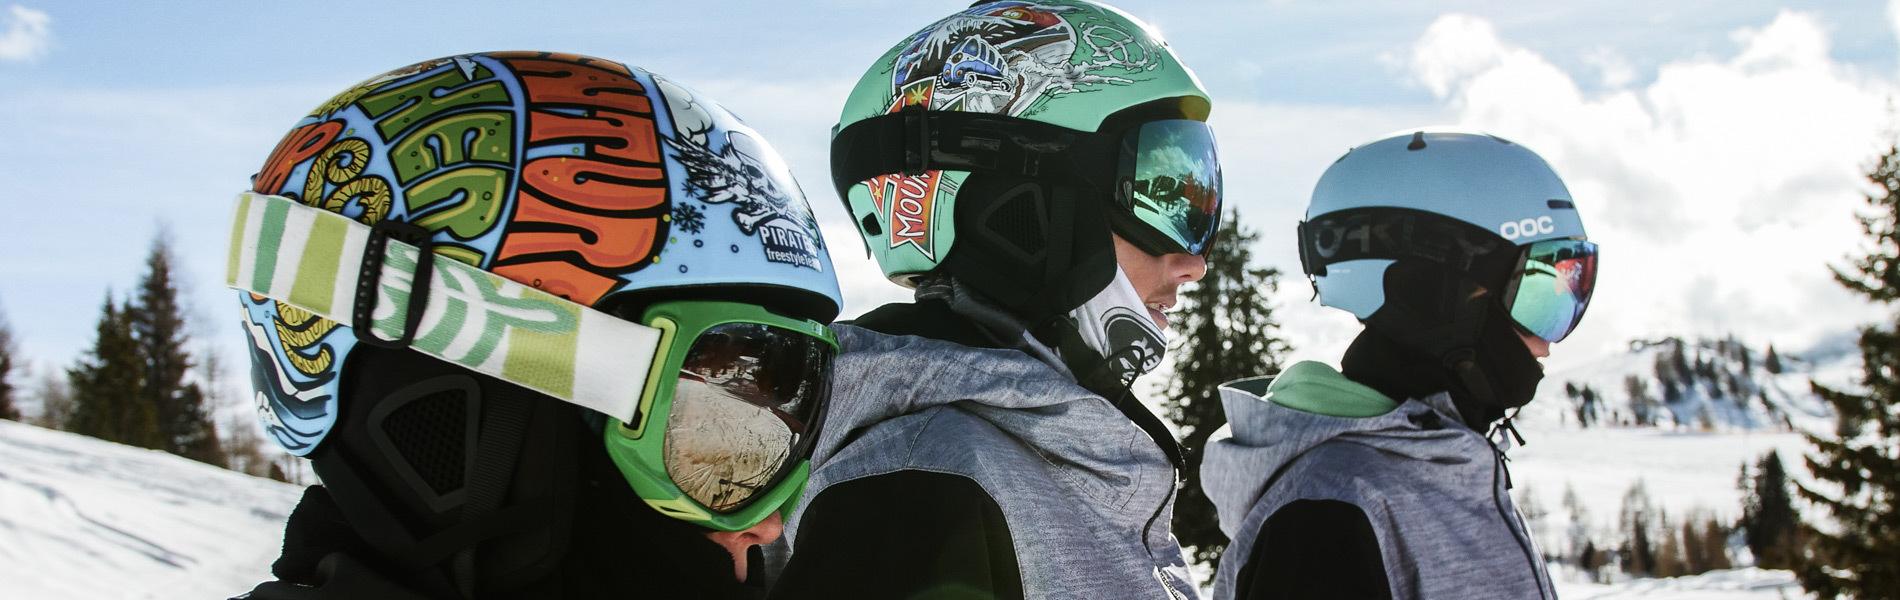 Die jungen Piraten des Snowpark Alta Badia